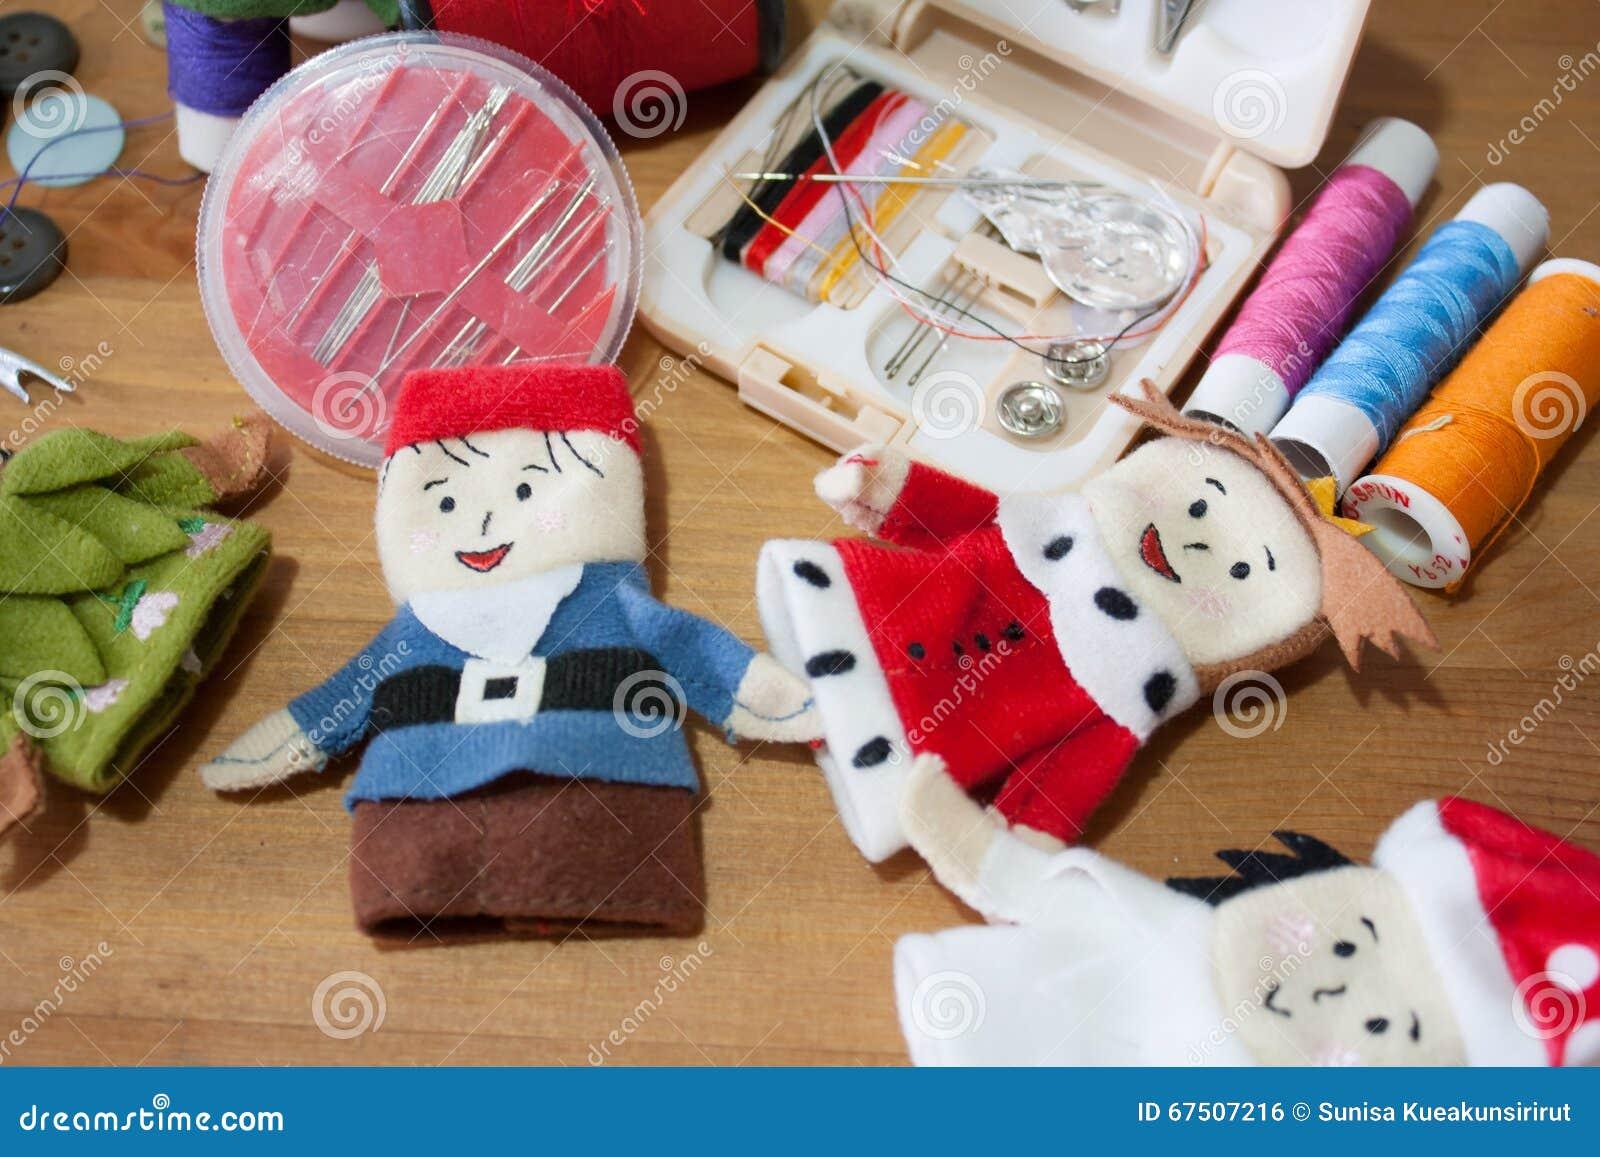 Handmade Christmas Doll Finger For Christmas Gift On Wood Backgr ...